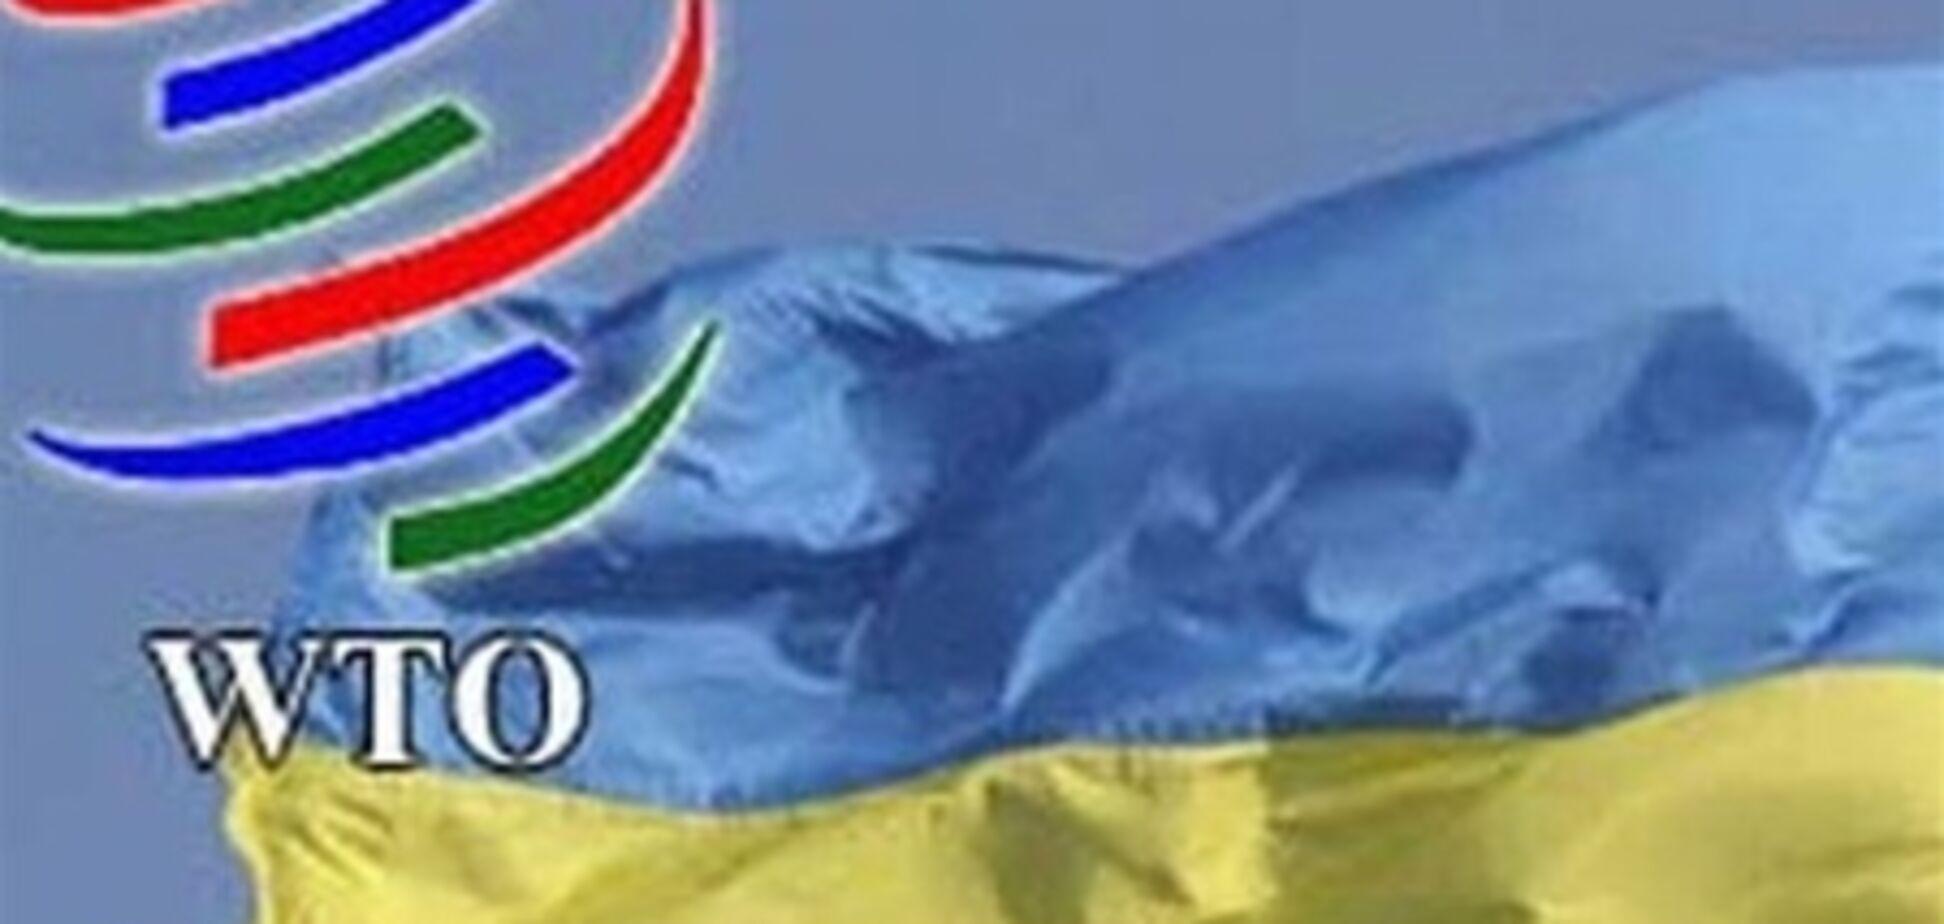 ЕС просит Украину отозвать заявку в ВТО